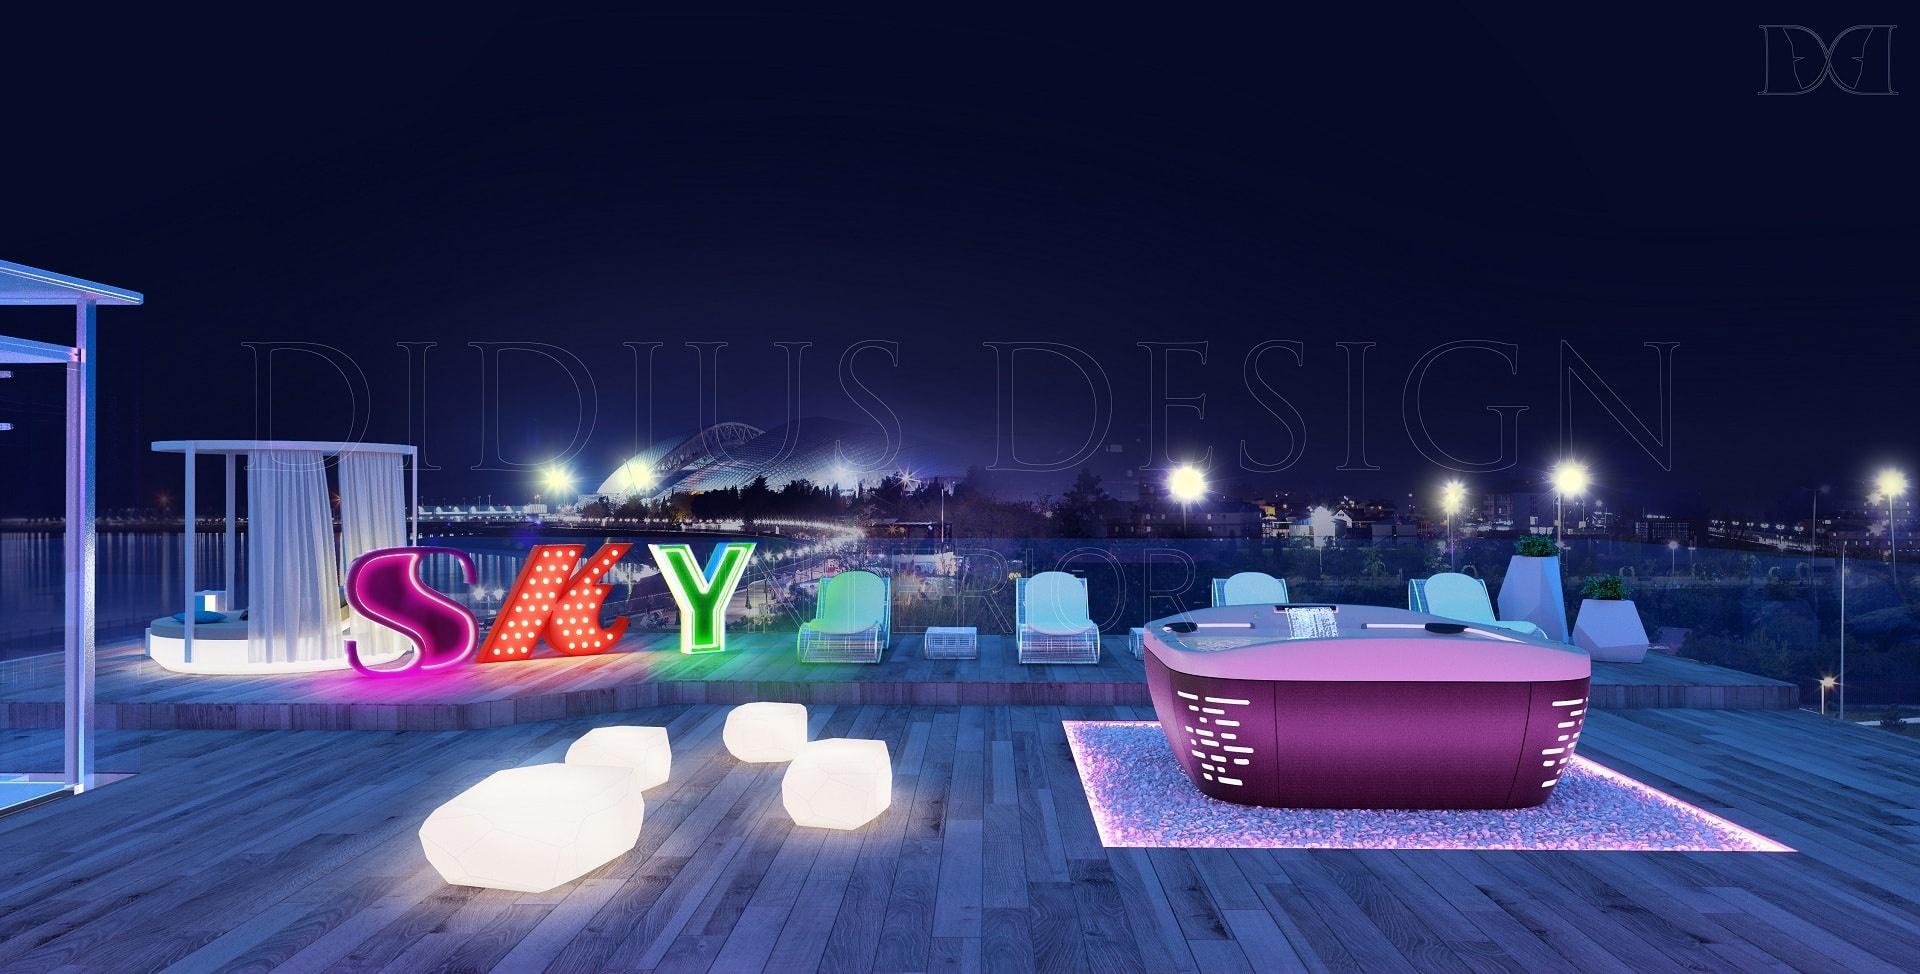 Почувствуйте все грани роскоши в интерьерах от Didius Design Inerior.  дизайнеры интерьеров Почувствуйте все грани роскоши в интерьерах от Didius Design Interior!!! big b06655ea9c78b980cc191e254c7a7c21